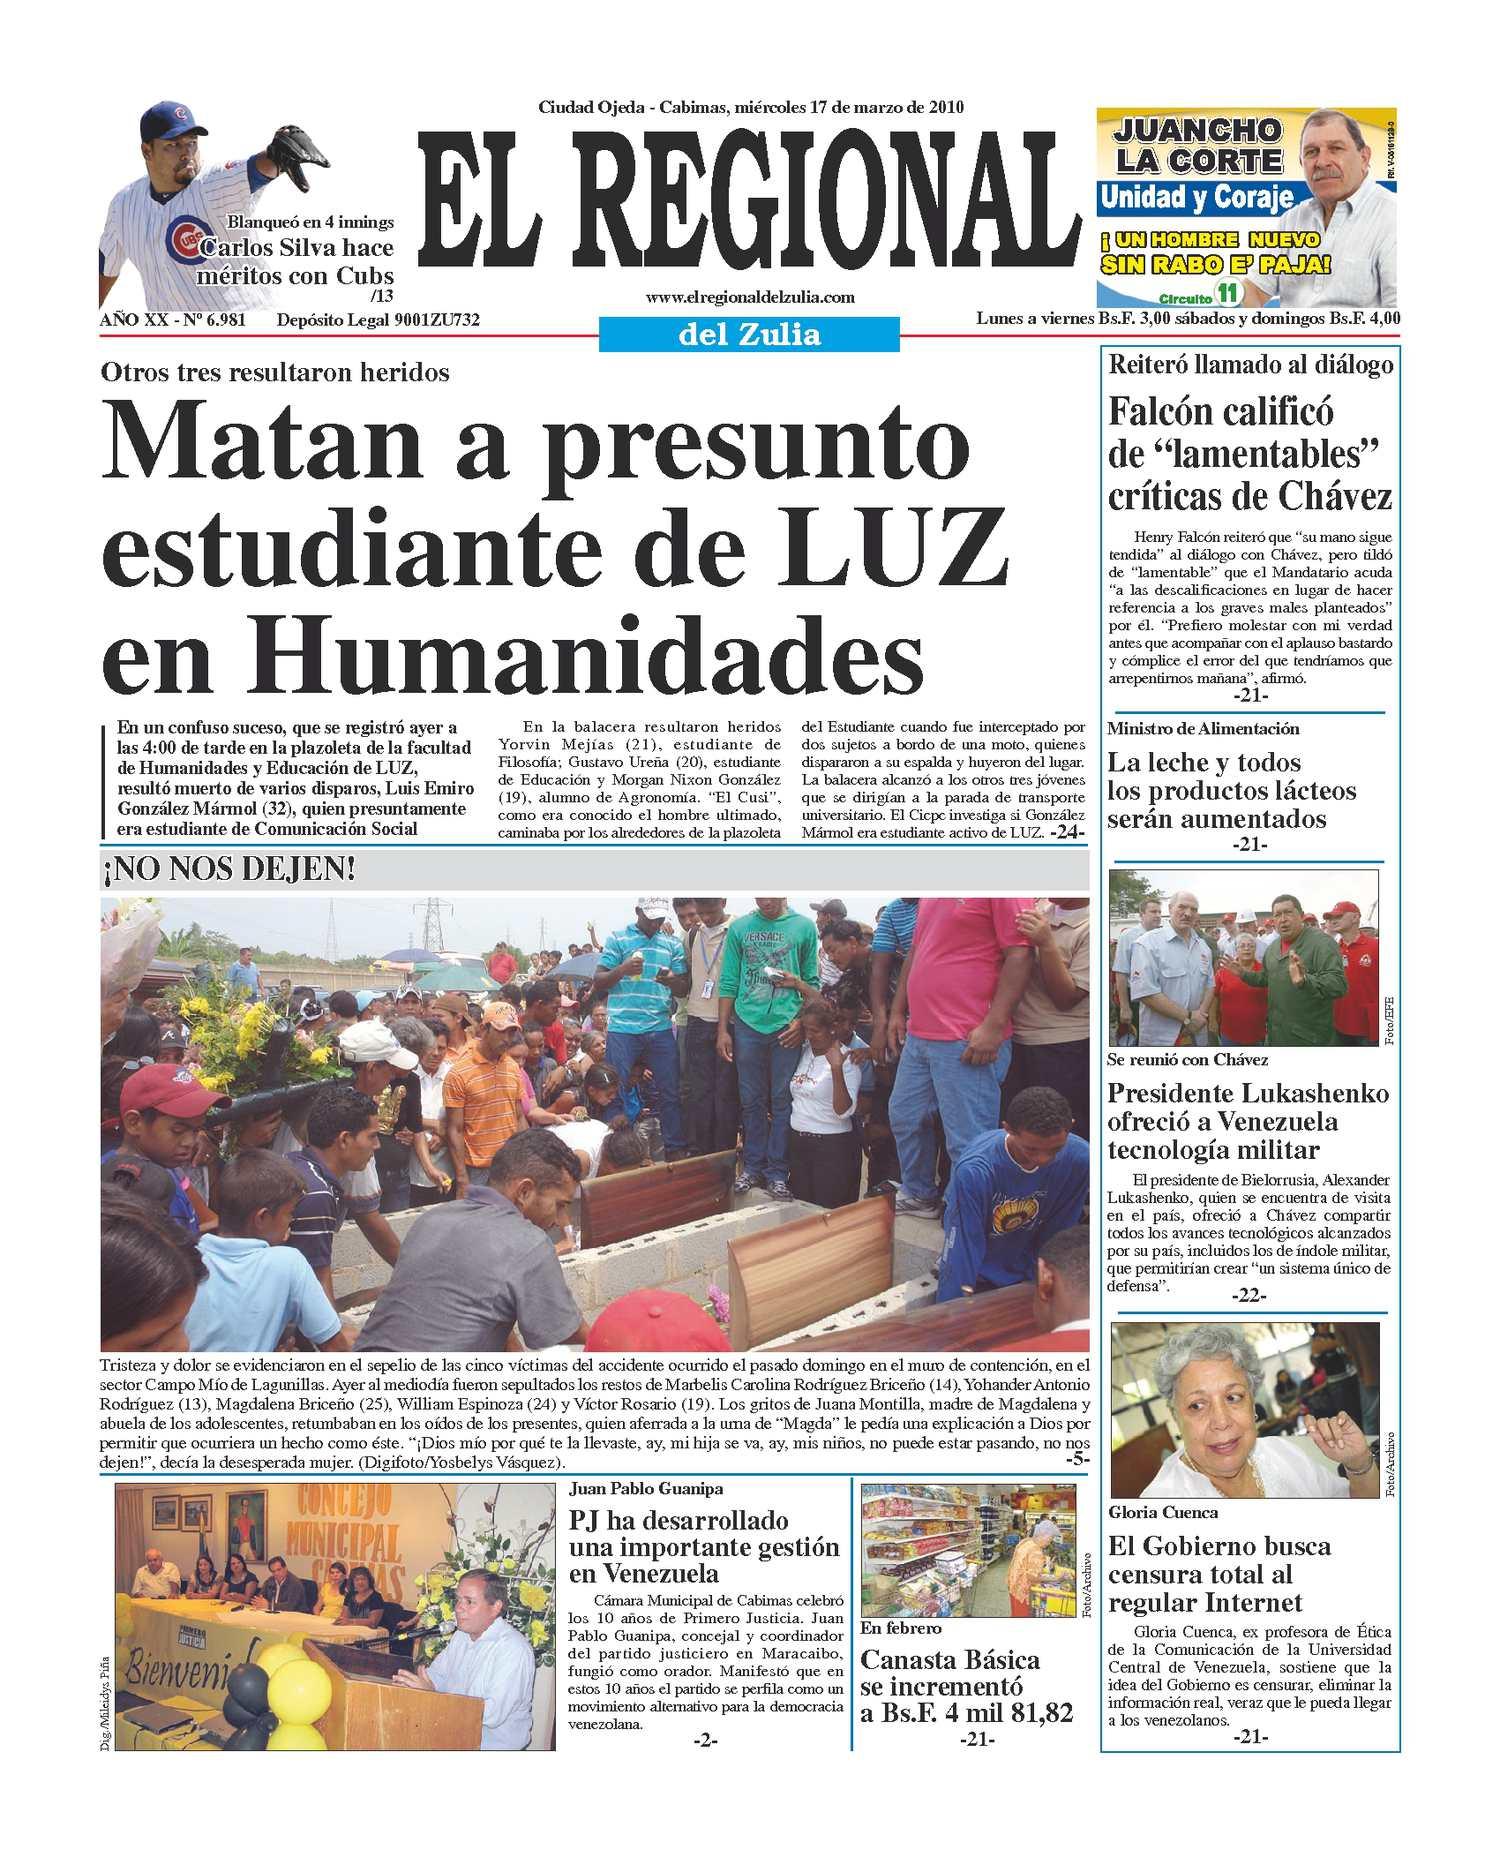 El Regional del Zulia | 17-03-2010